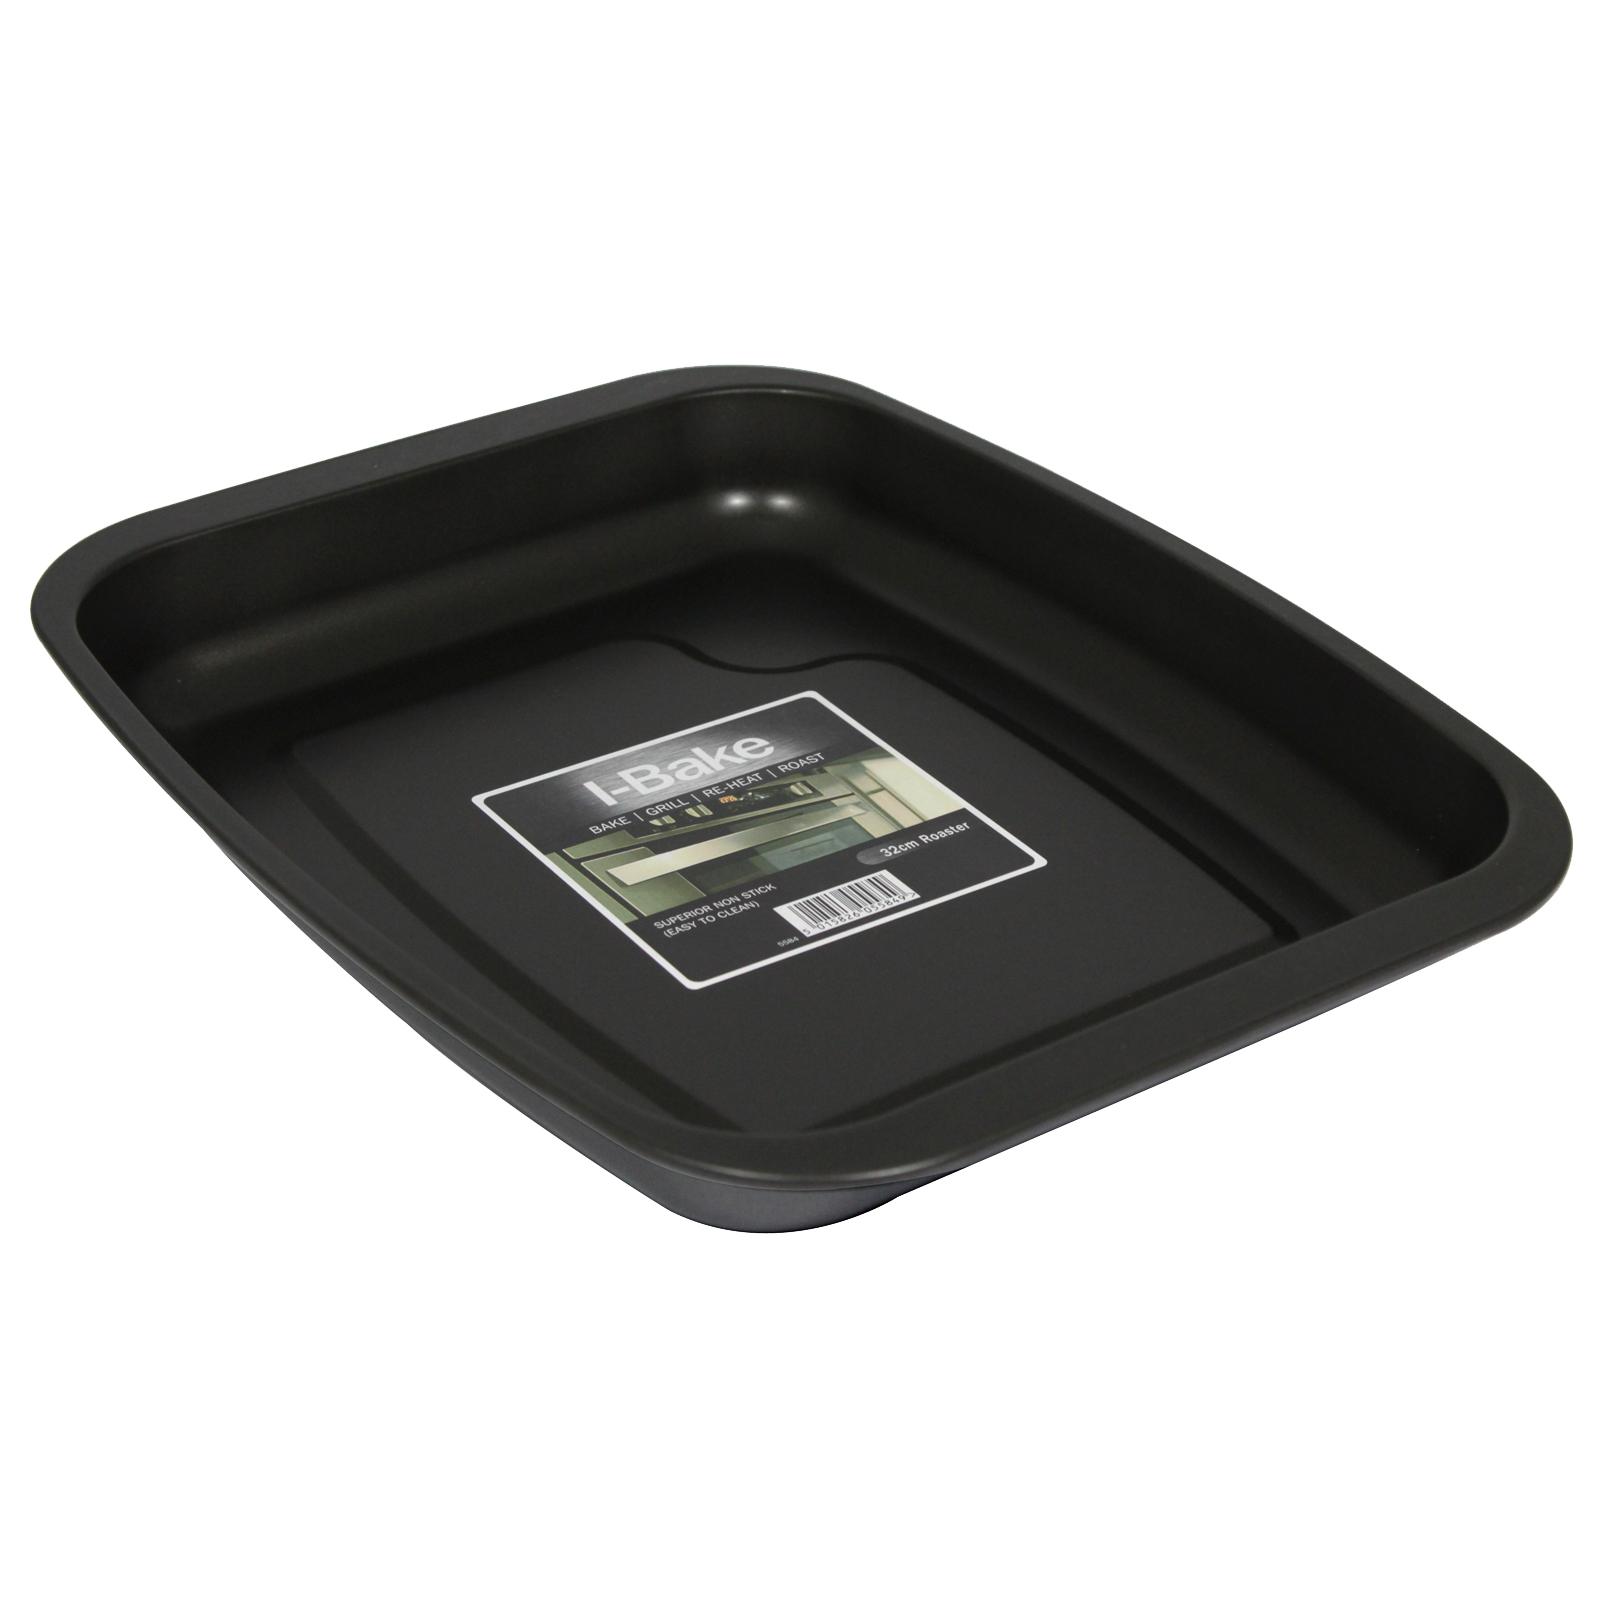 I-BAKE NON STICK MED ROAST+BAKE PAN